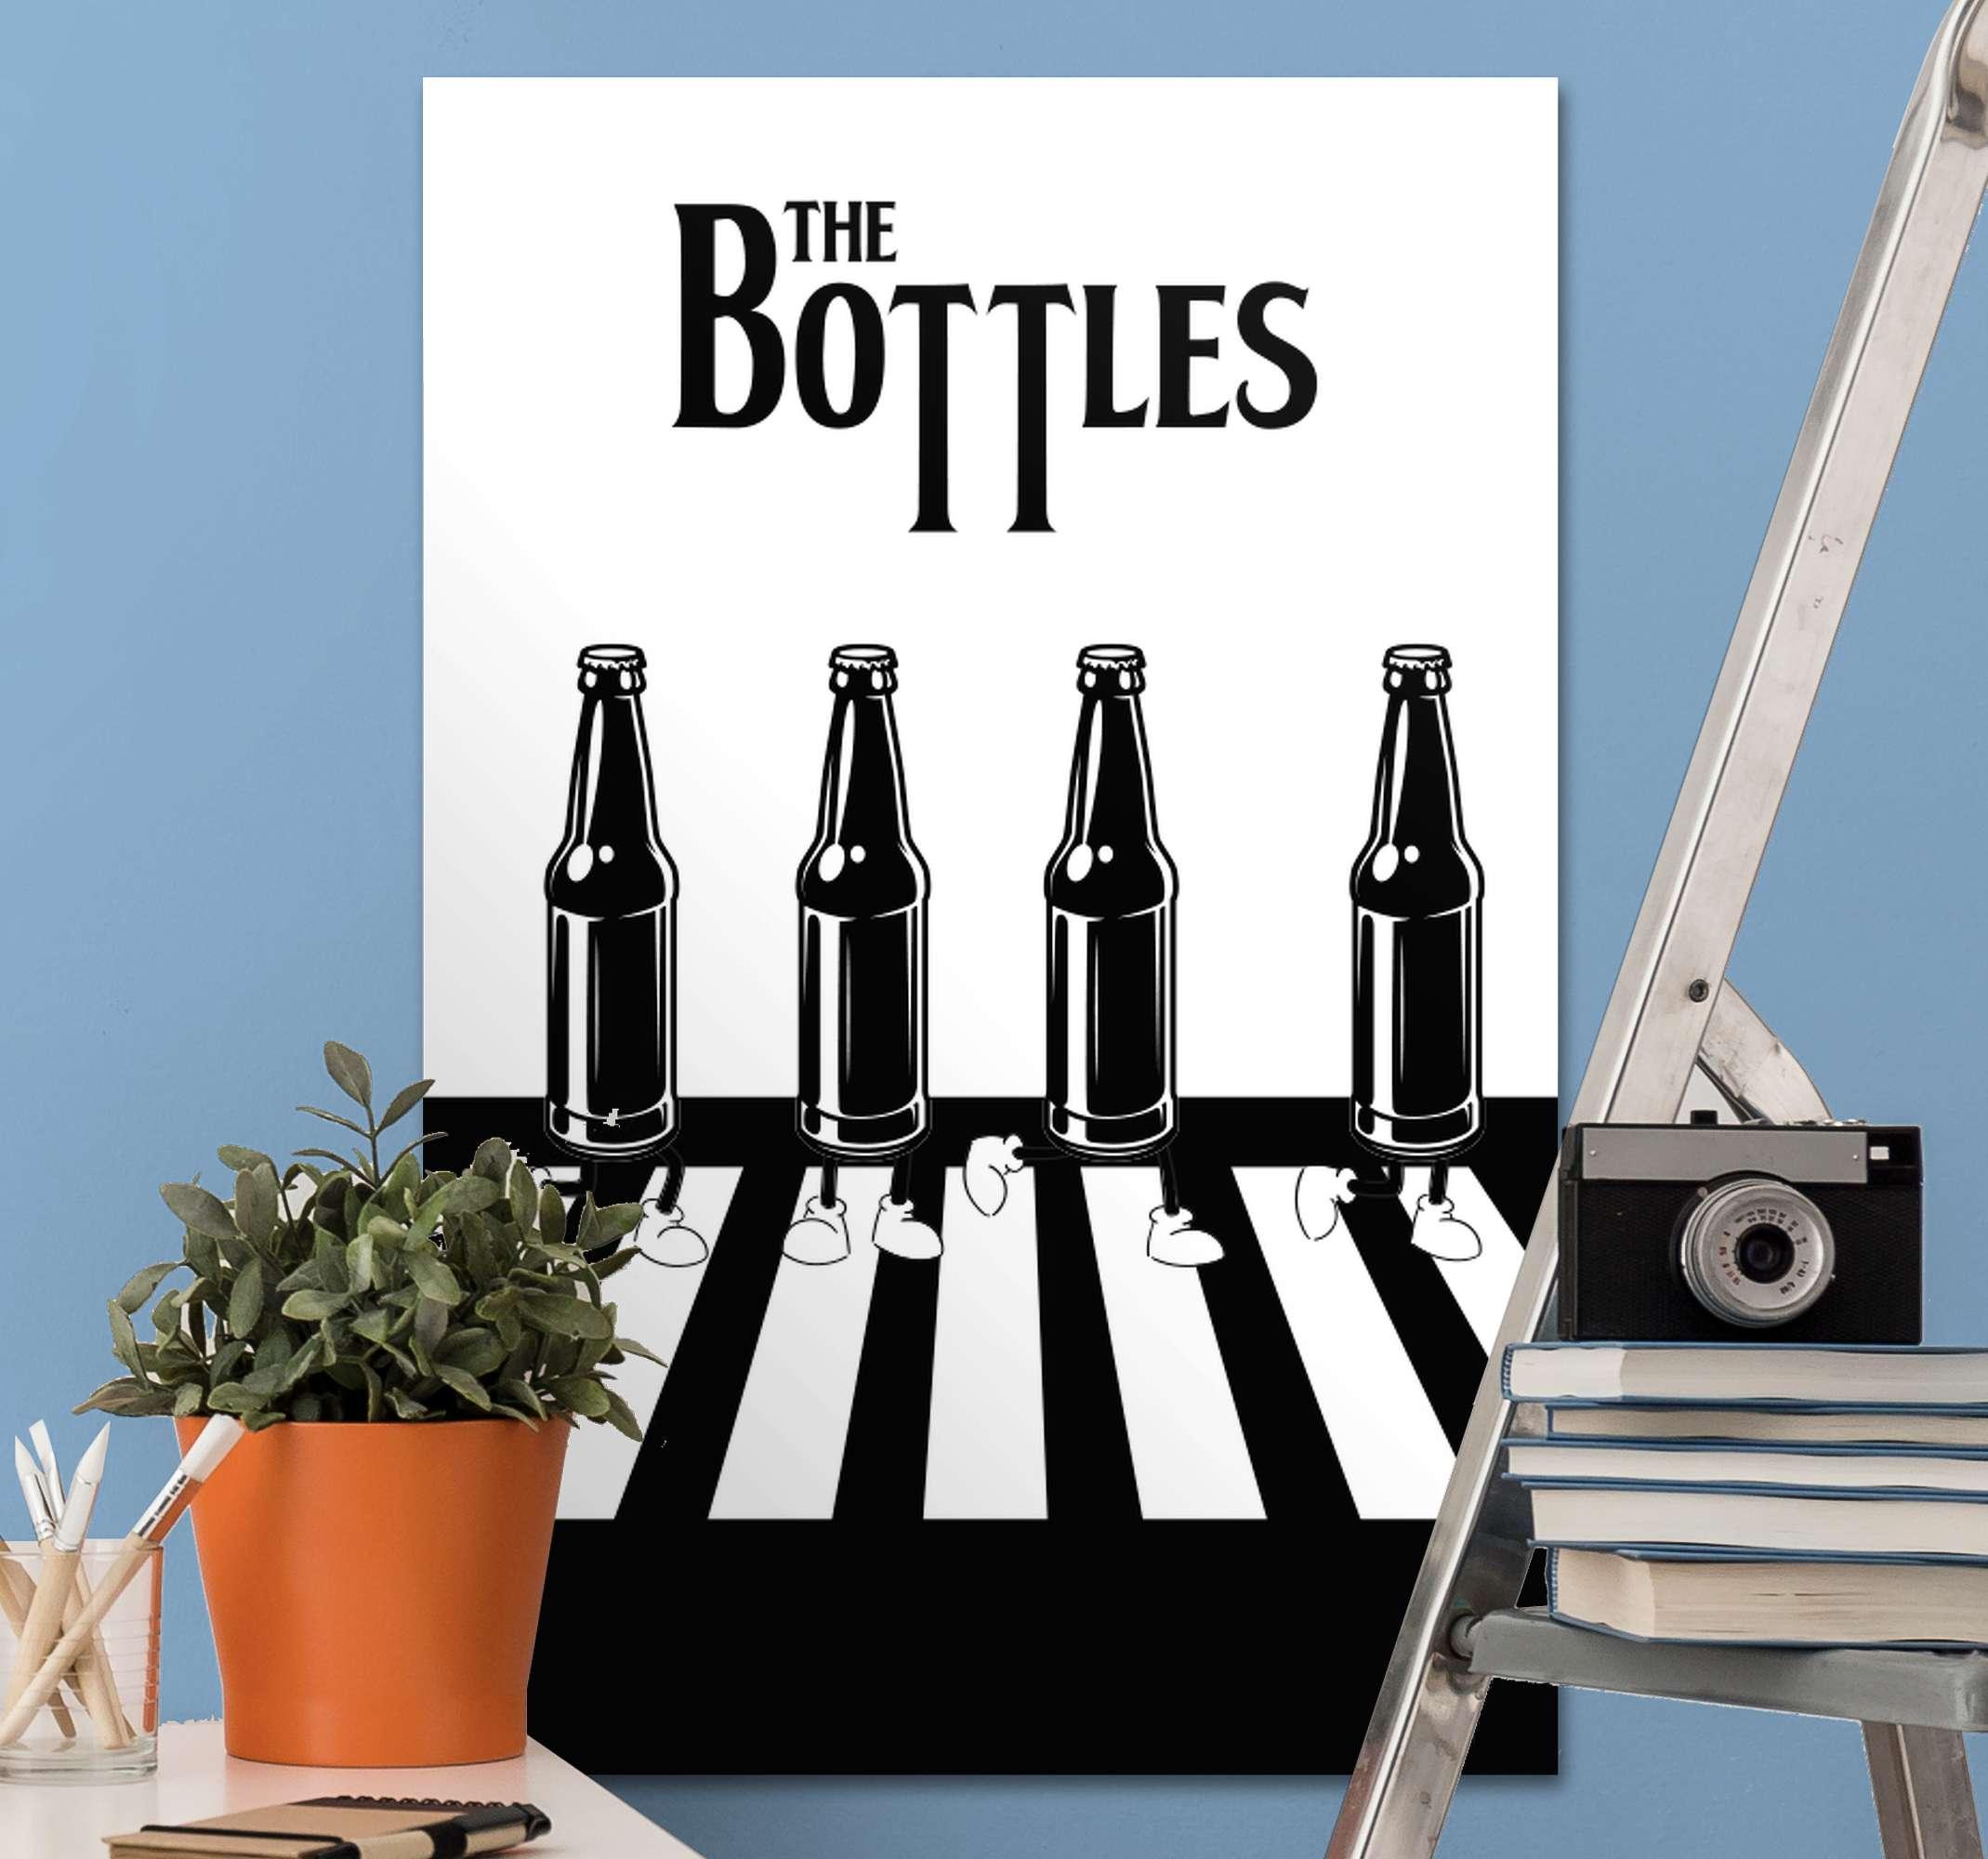 TenStickers. Canvas schilderen The bottles tekst en flessen . Met deze bedrukking van flessen die een voetgangersdoorgang oversteken in zwart-wit, geeft u een unieke stijl aan uw kamer! Levering aan huis!